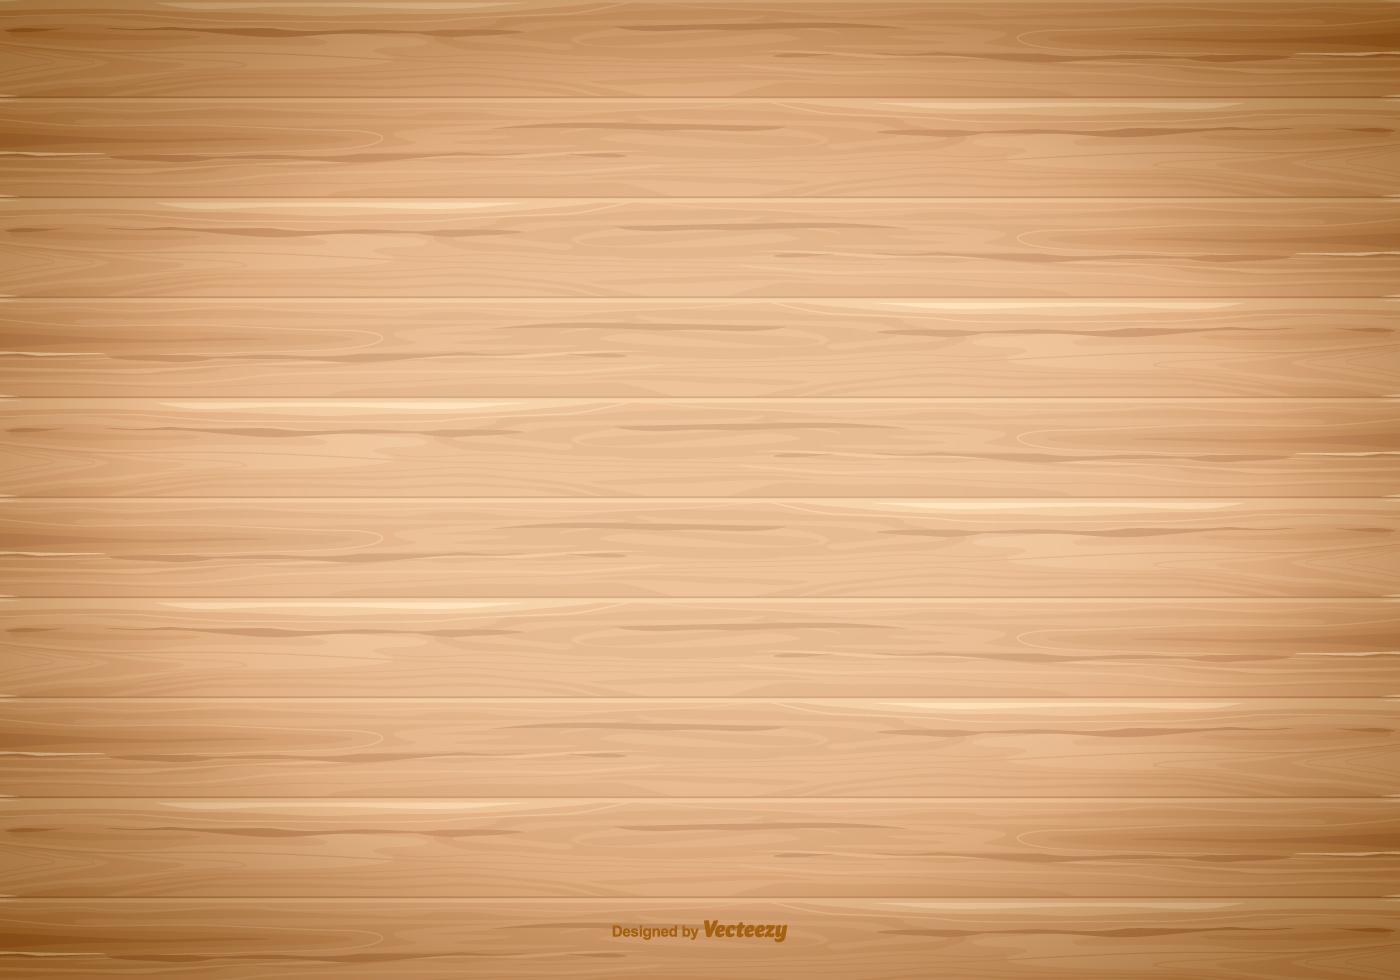 Floor Texture Free Vector Art 8971 Free Downloads